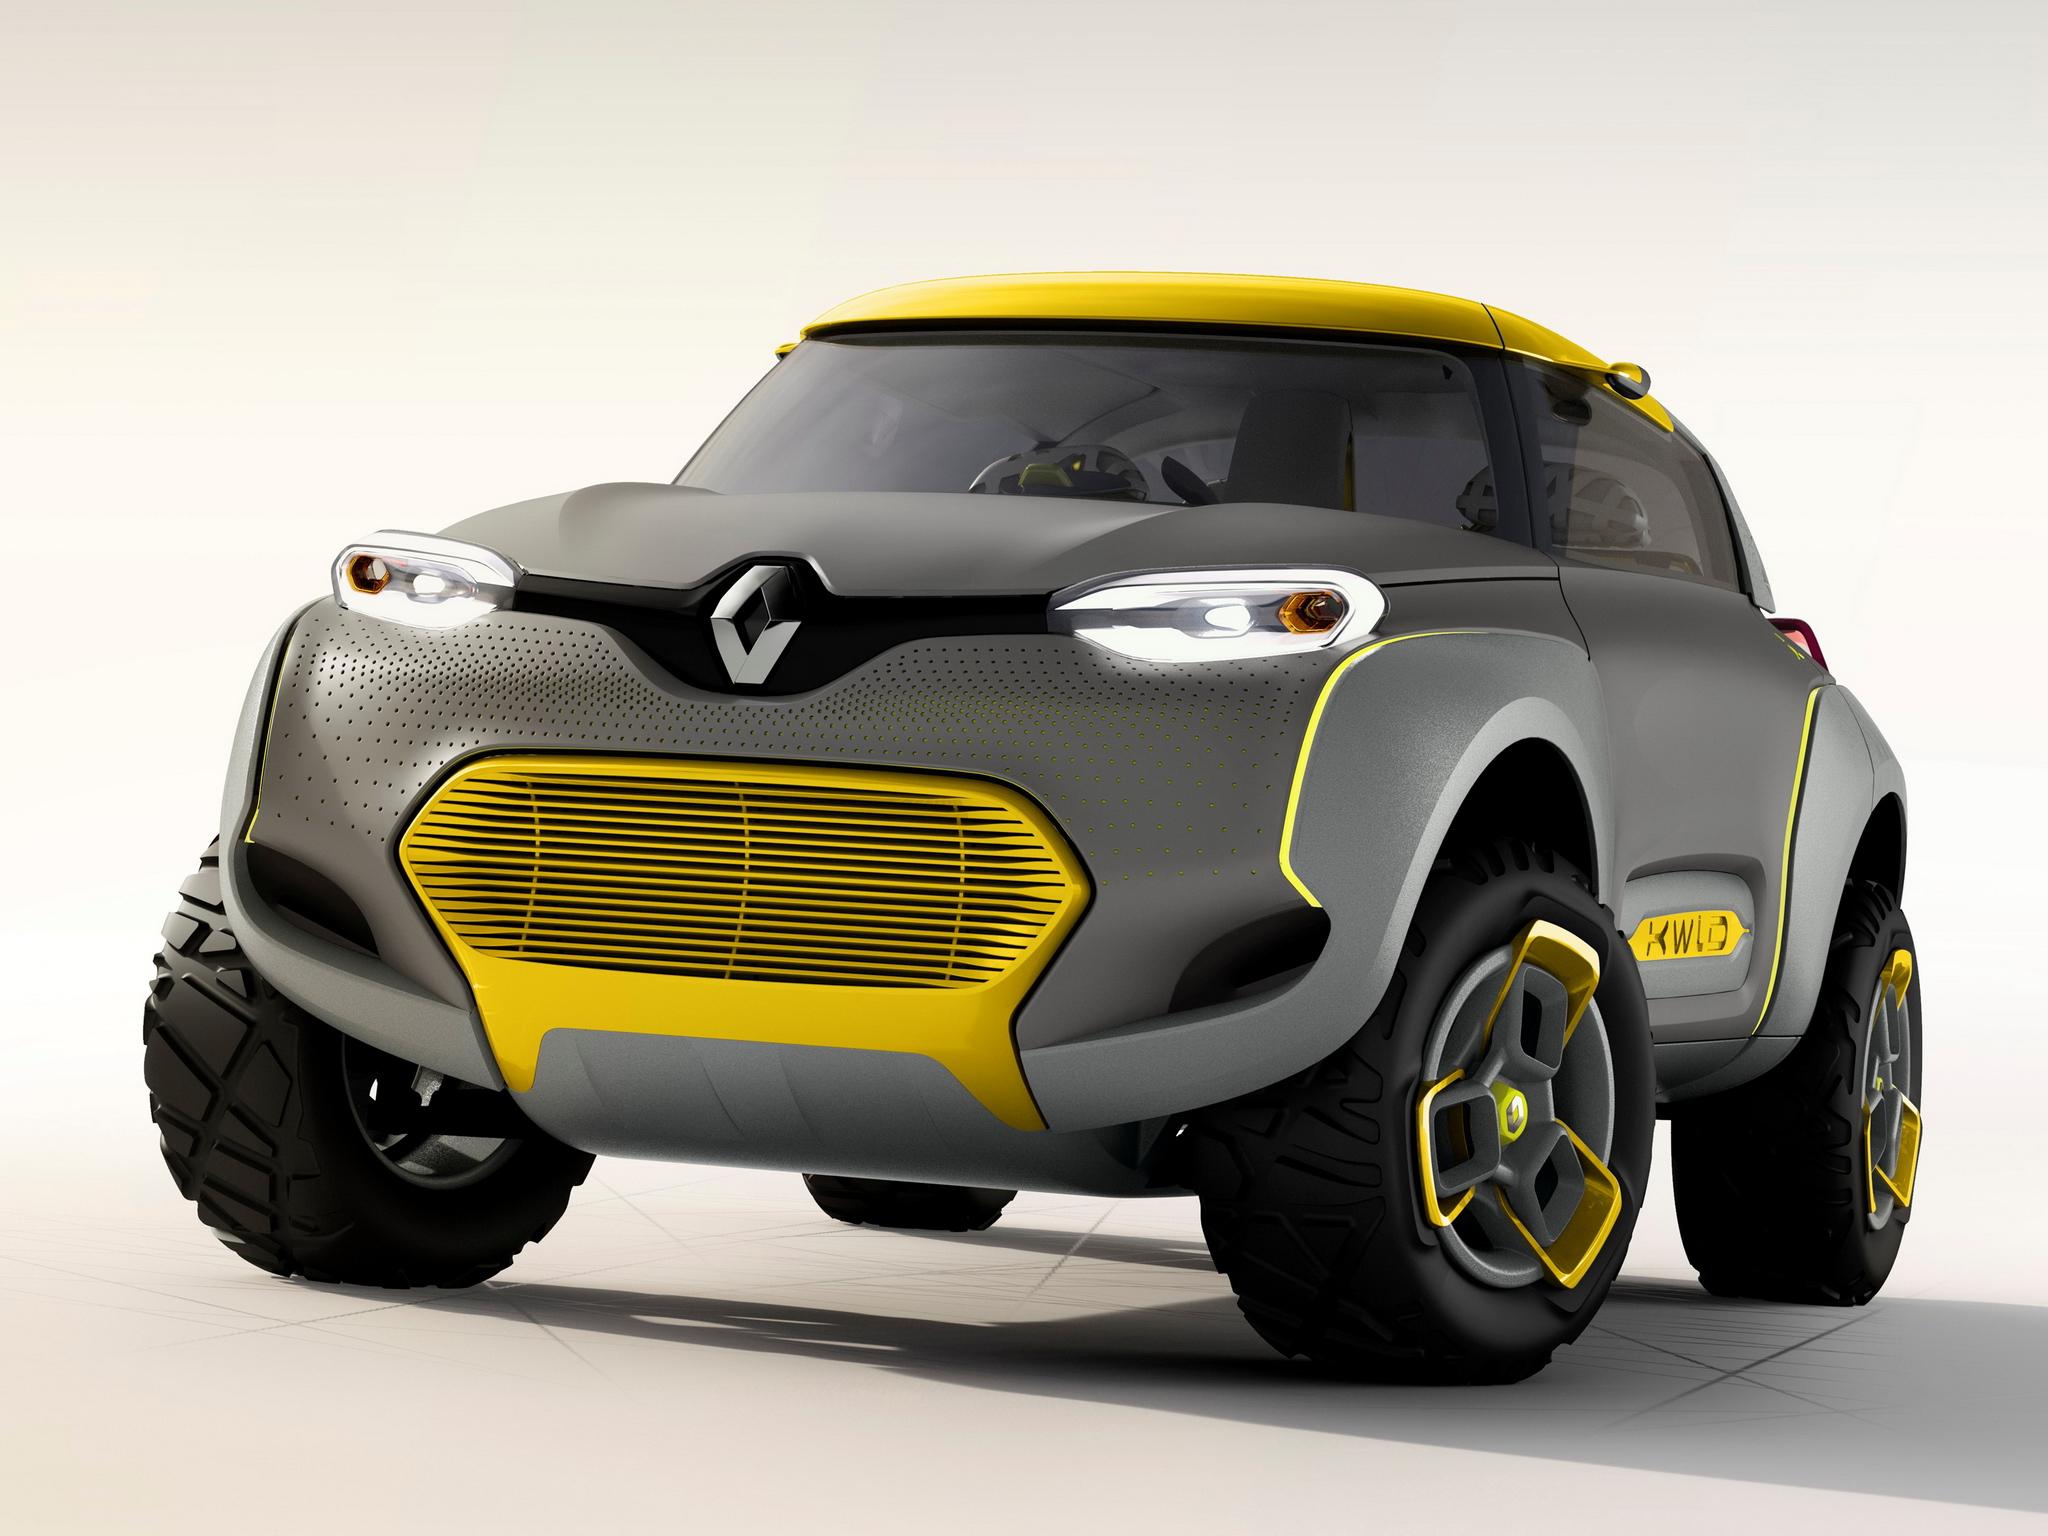 Renault Kwid concept 2014 - avant / front